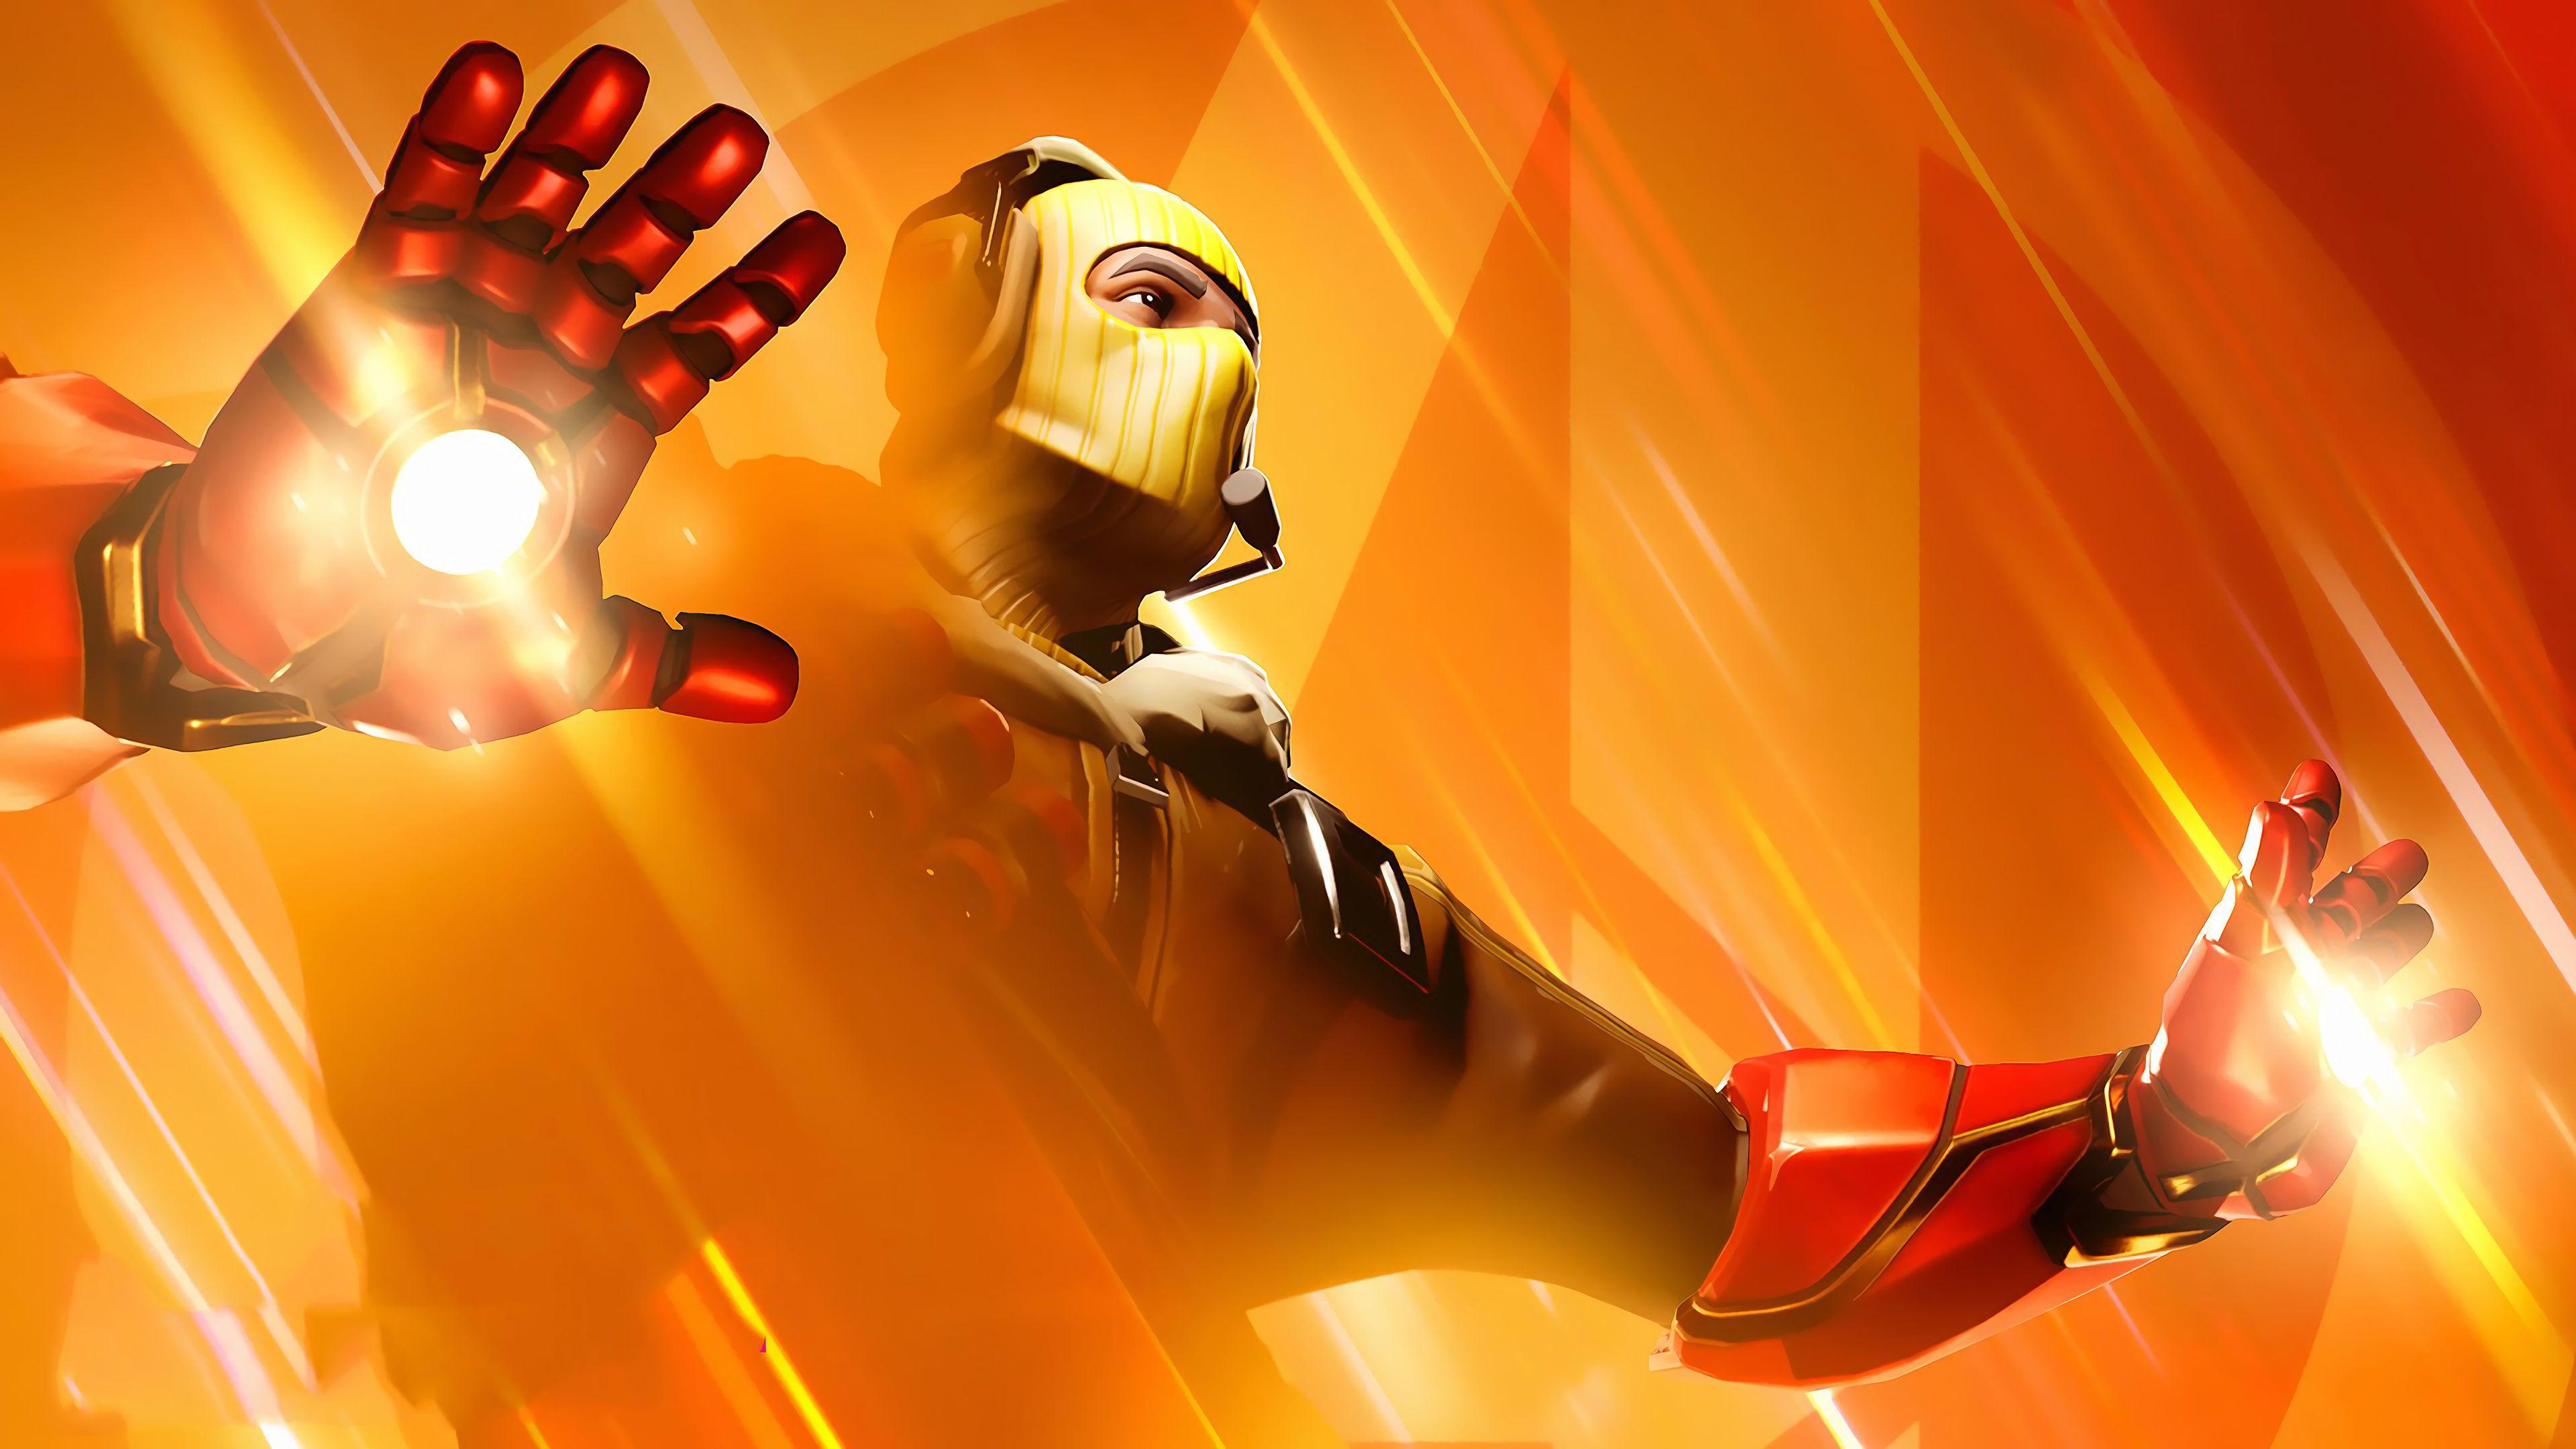 Fortnite Raptor Iron Man Avengers Endgame Hd Wallpapers Games Wallpapers Fortnite Wallpapers Avengers Endgame Wallpapers Fortnite Iron Man Avengers Avengers